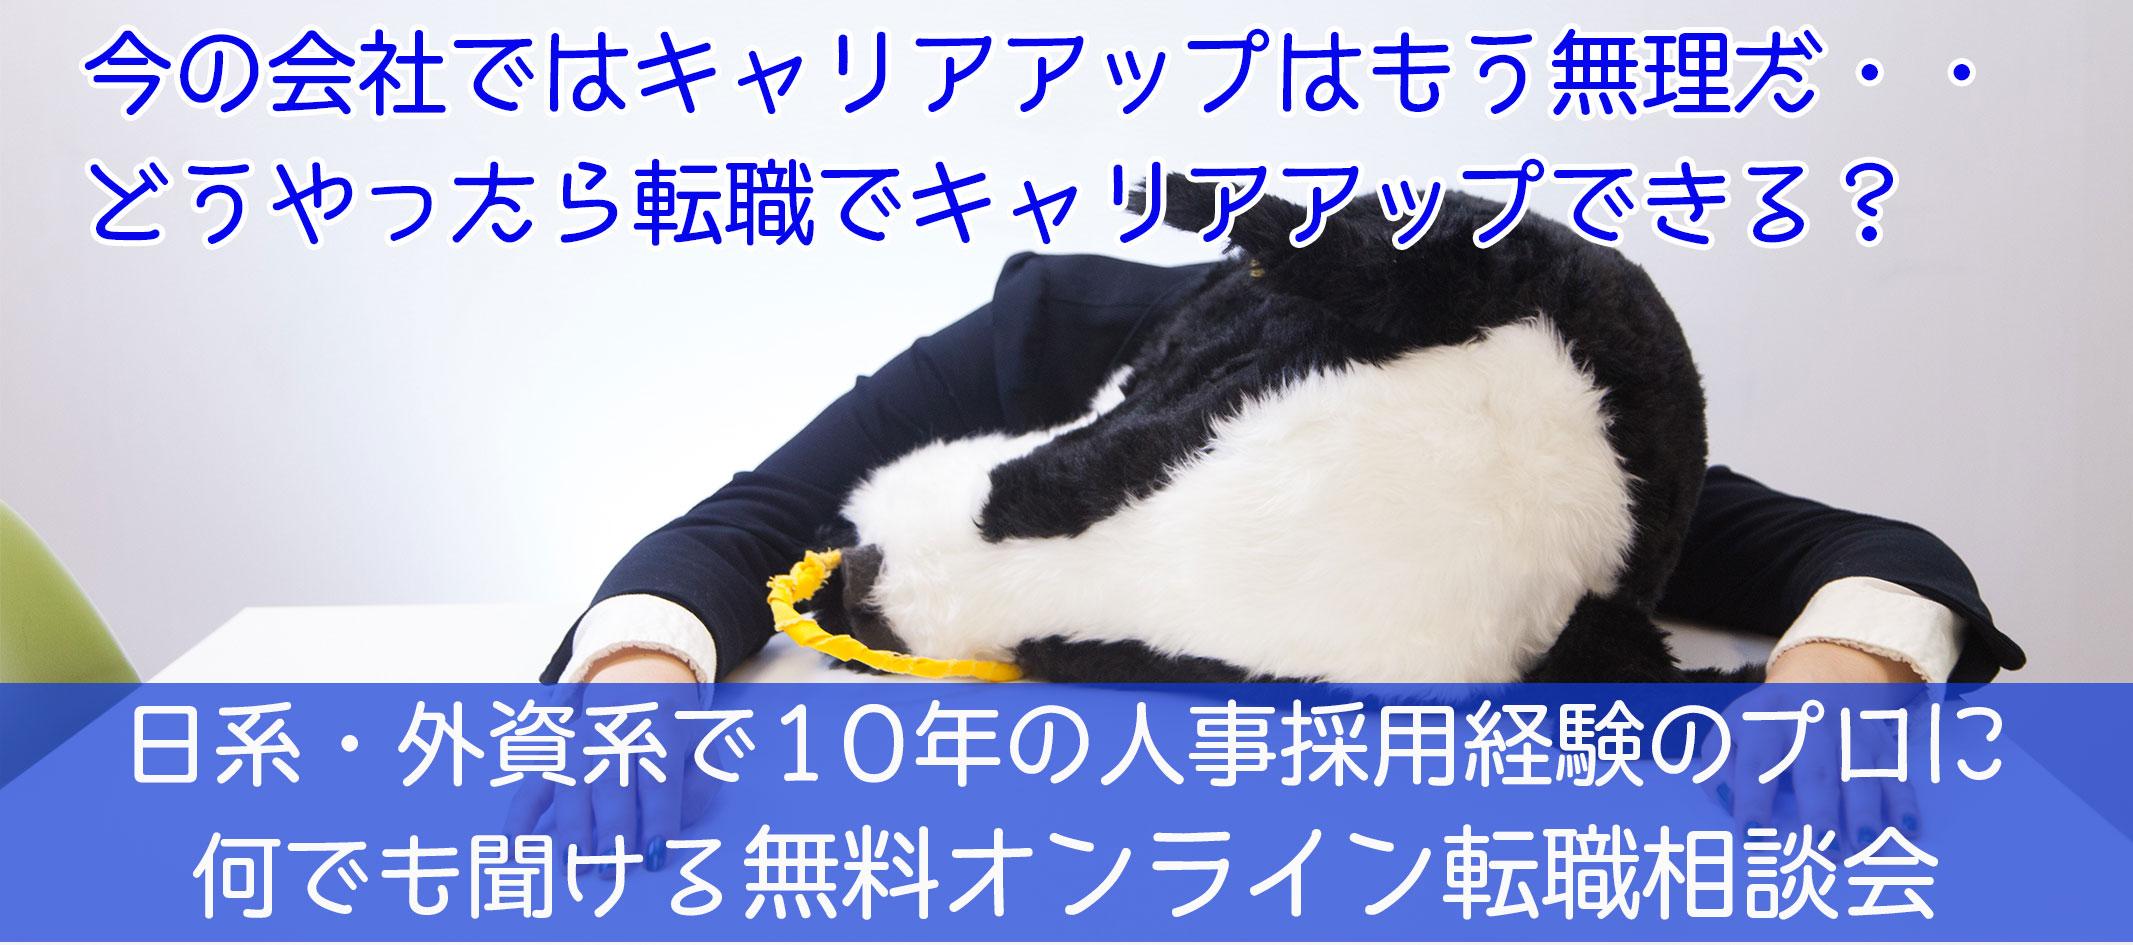 ヘッダーバナー_無料オンライン転職相談会20180506